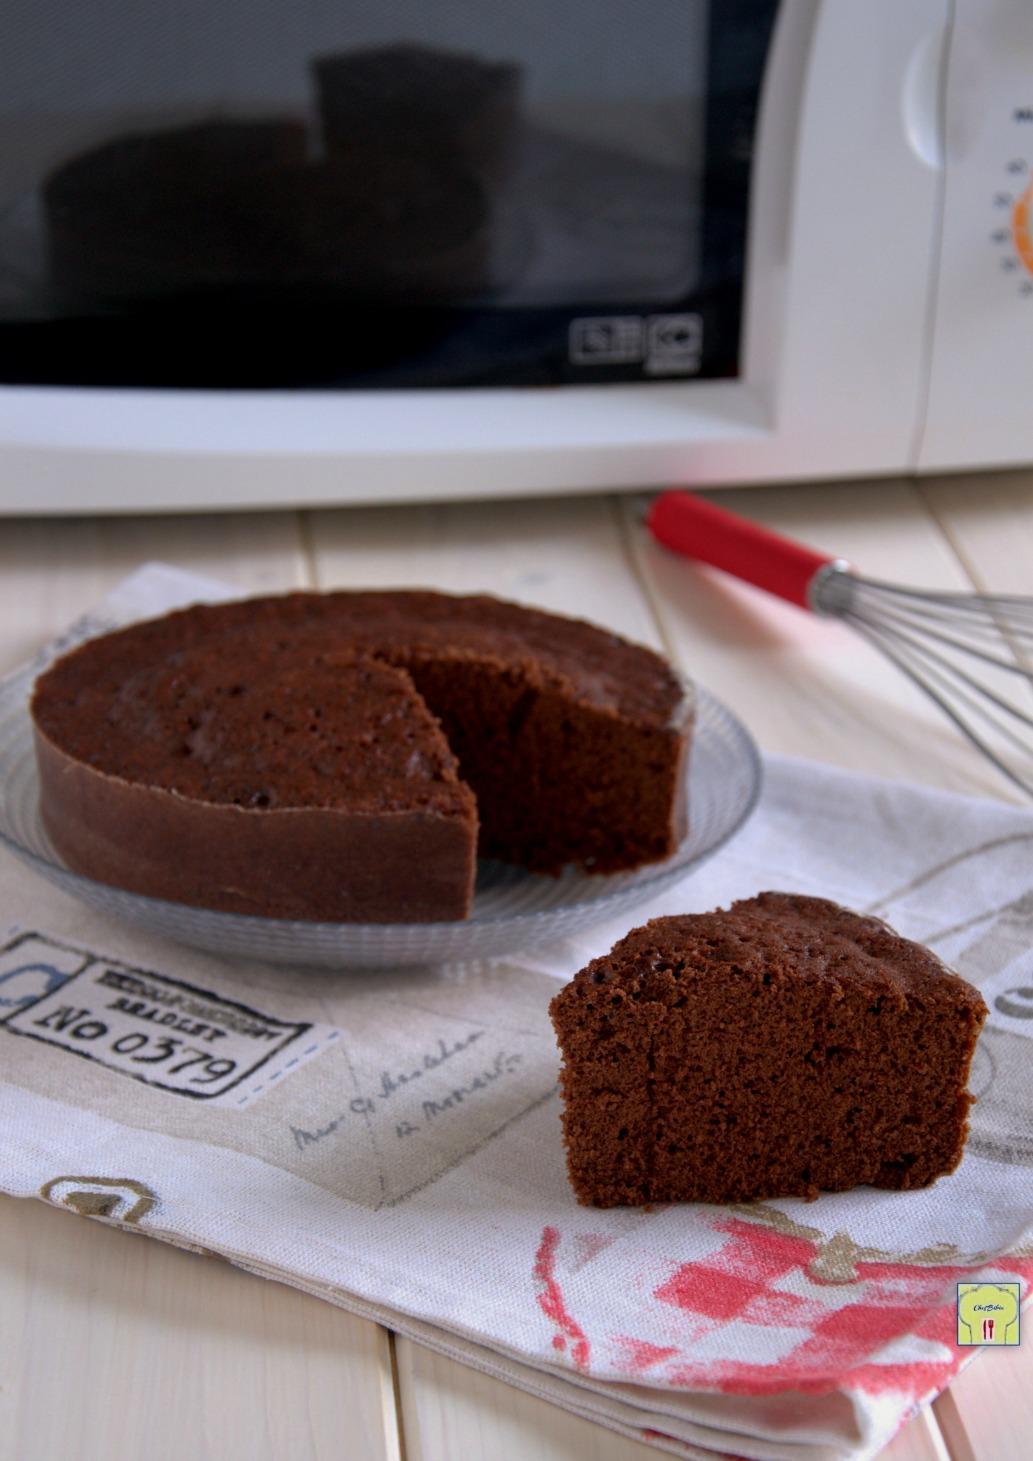 Torta al cioccolato al microonde ricetta velocissima for Ricette microonde